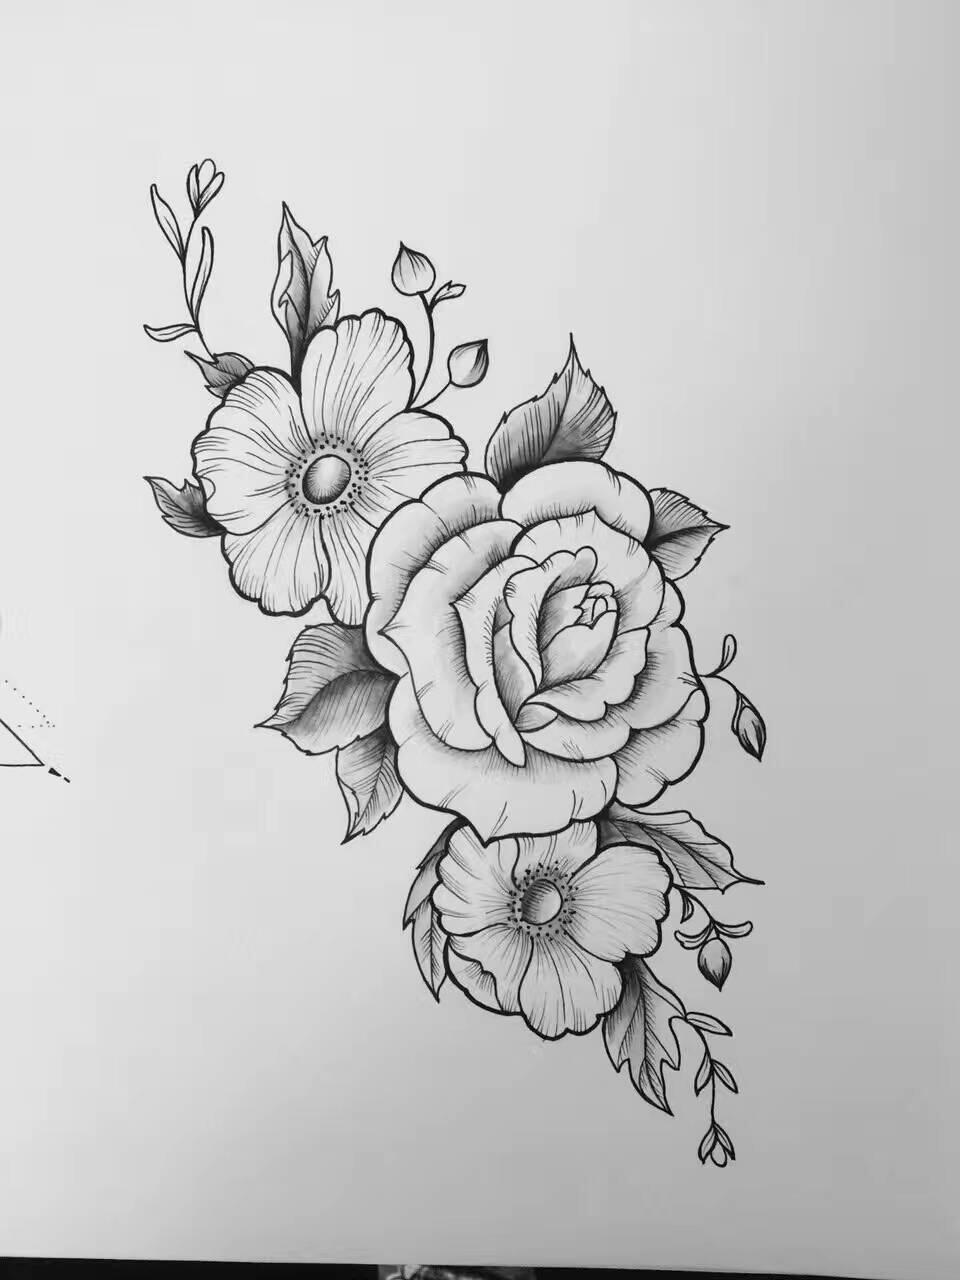 纹身手稿|插画|其他插画|fc0200 - 原创作品 - 站酷